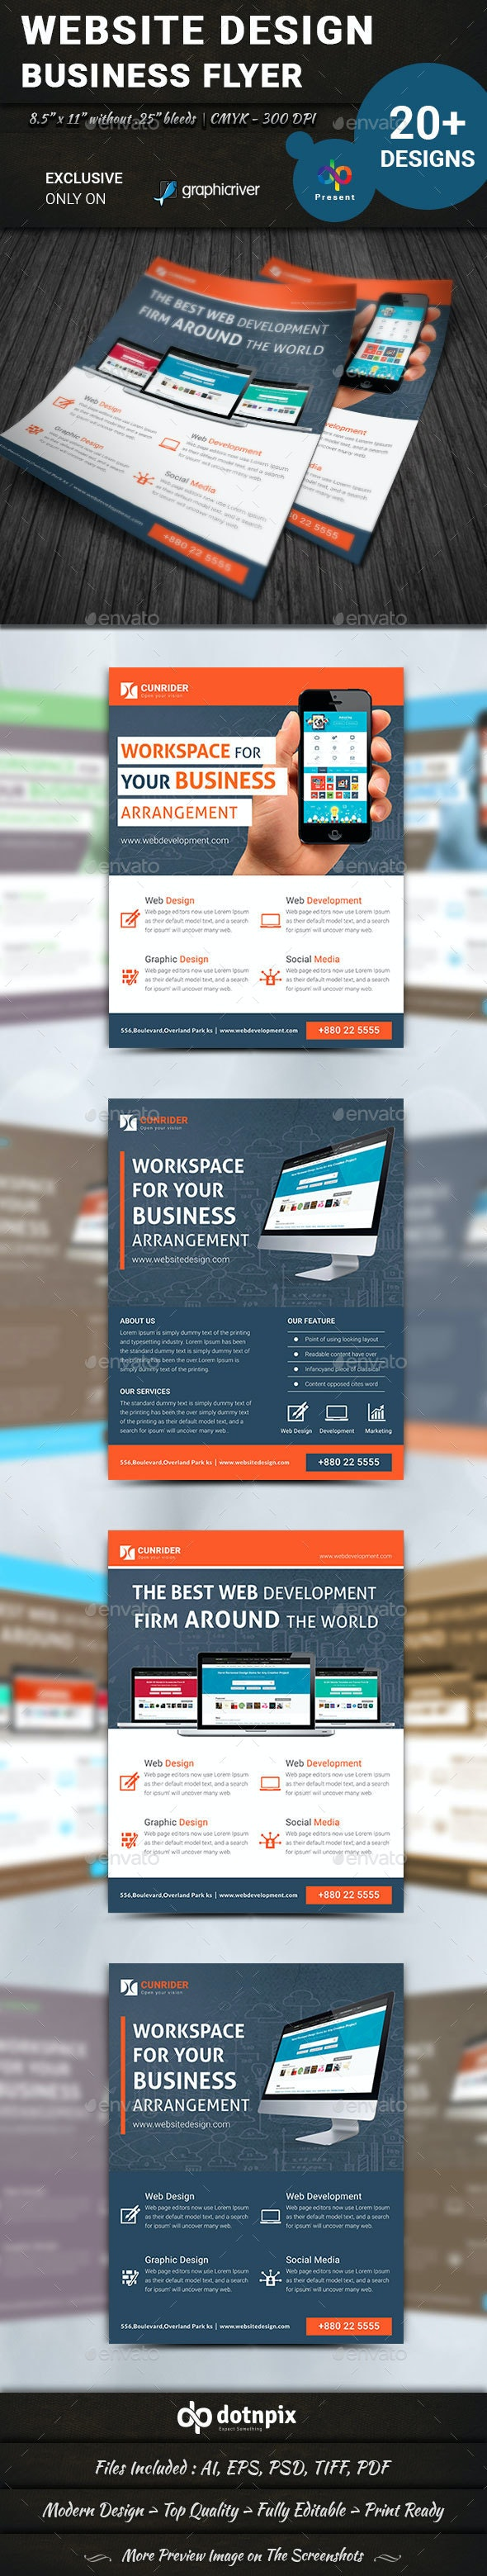 Website Design Flyer - Corporate Flyers